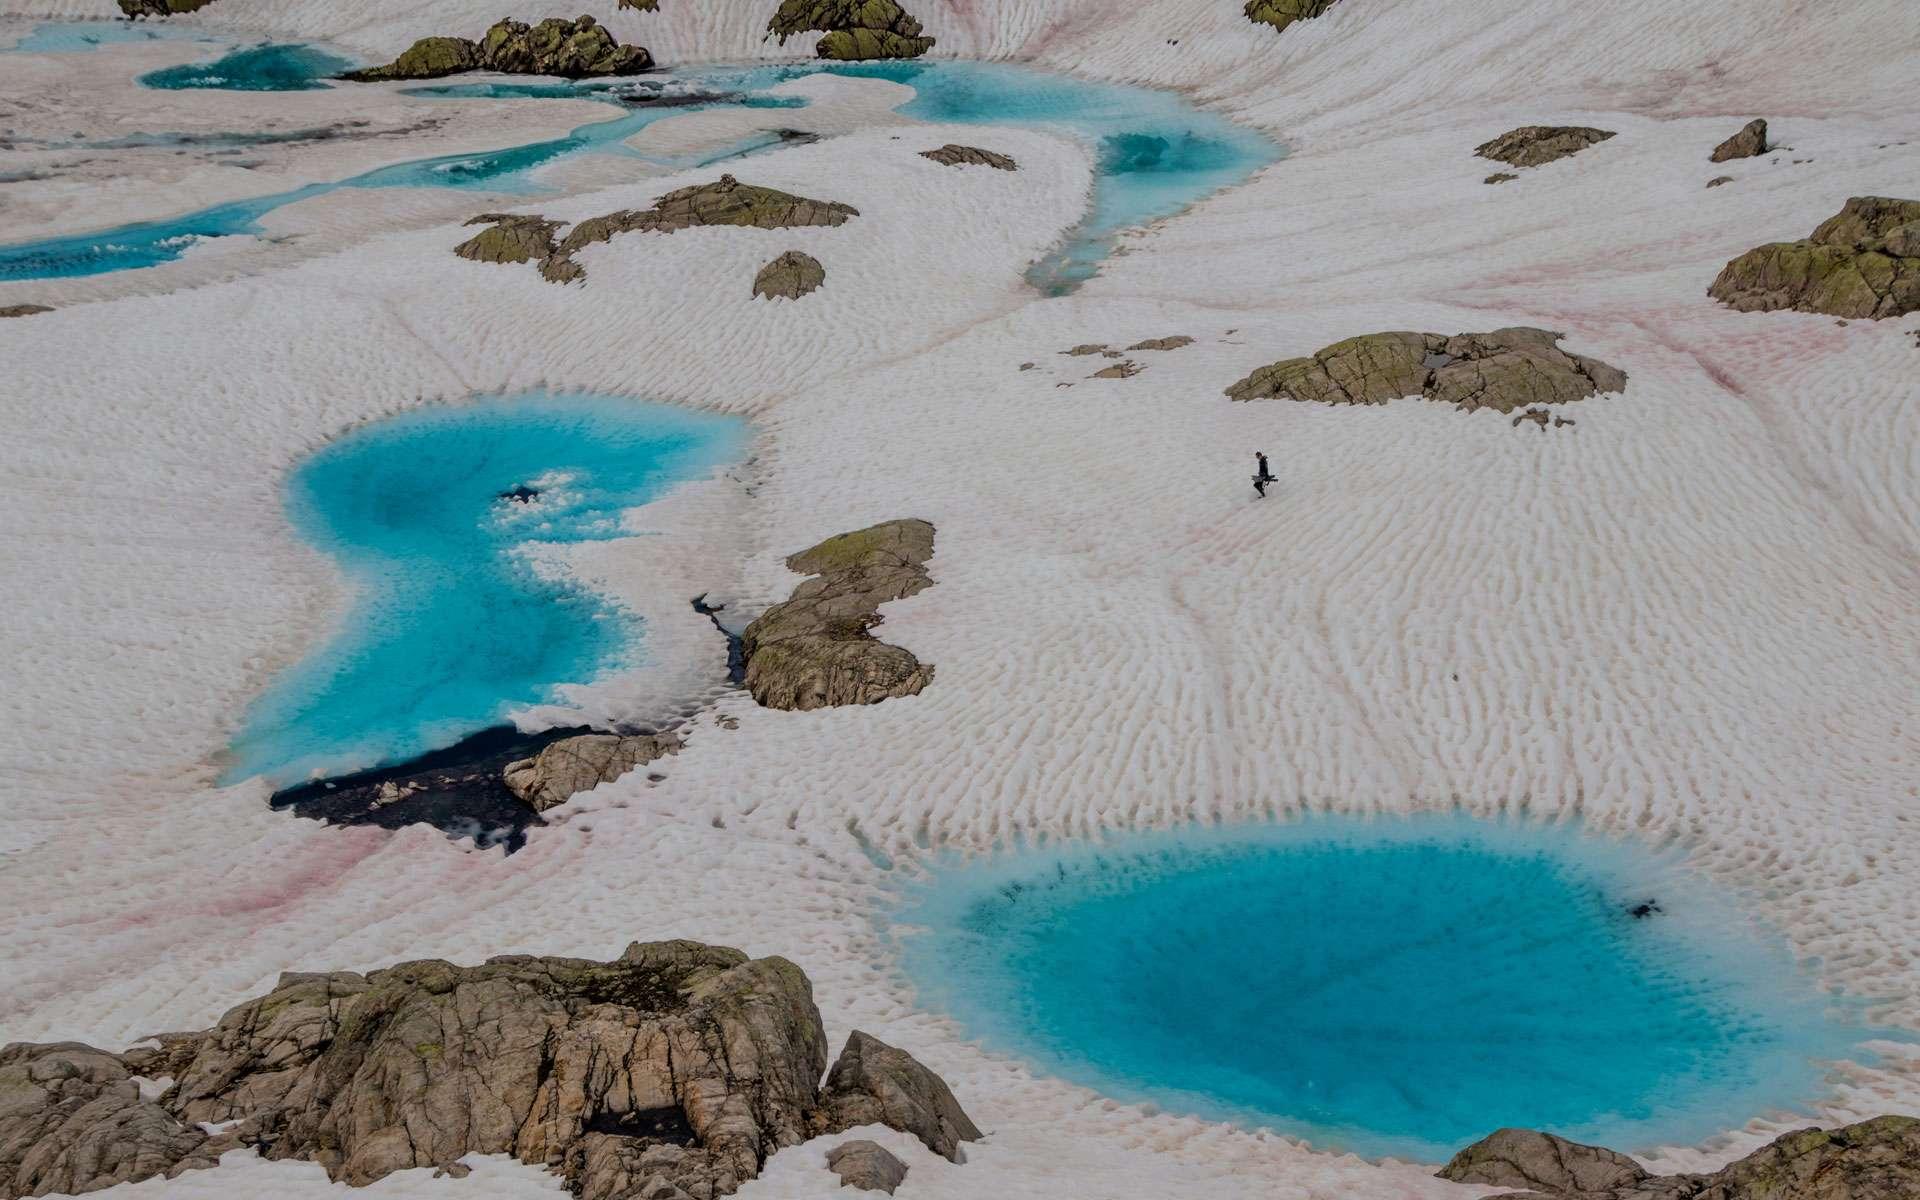 « En route pour l'exploration d'un lac de montagne. Dans les lacs de haute montagne, les conditions de vie sont extrêmes. Gelées la majeure partie de l'année, leurs eaux ne se libèrent de l'emprise de la glace que le temps d'un court été. »© Rémi Masson, tous droits réservés